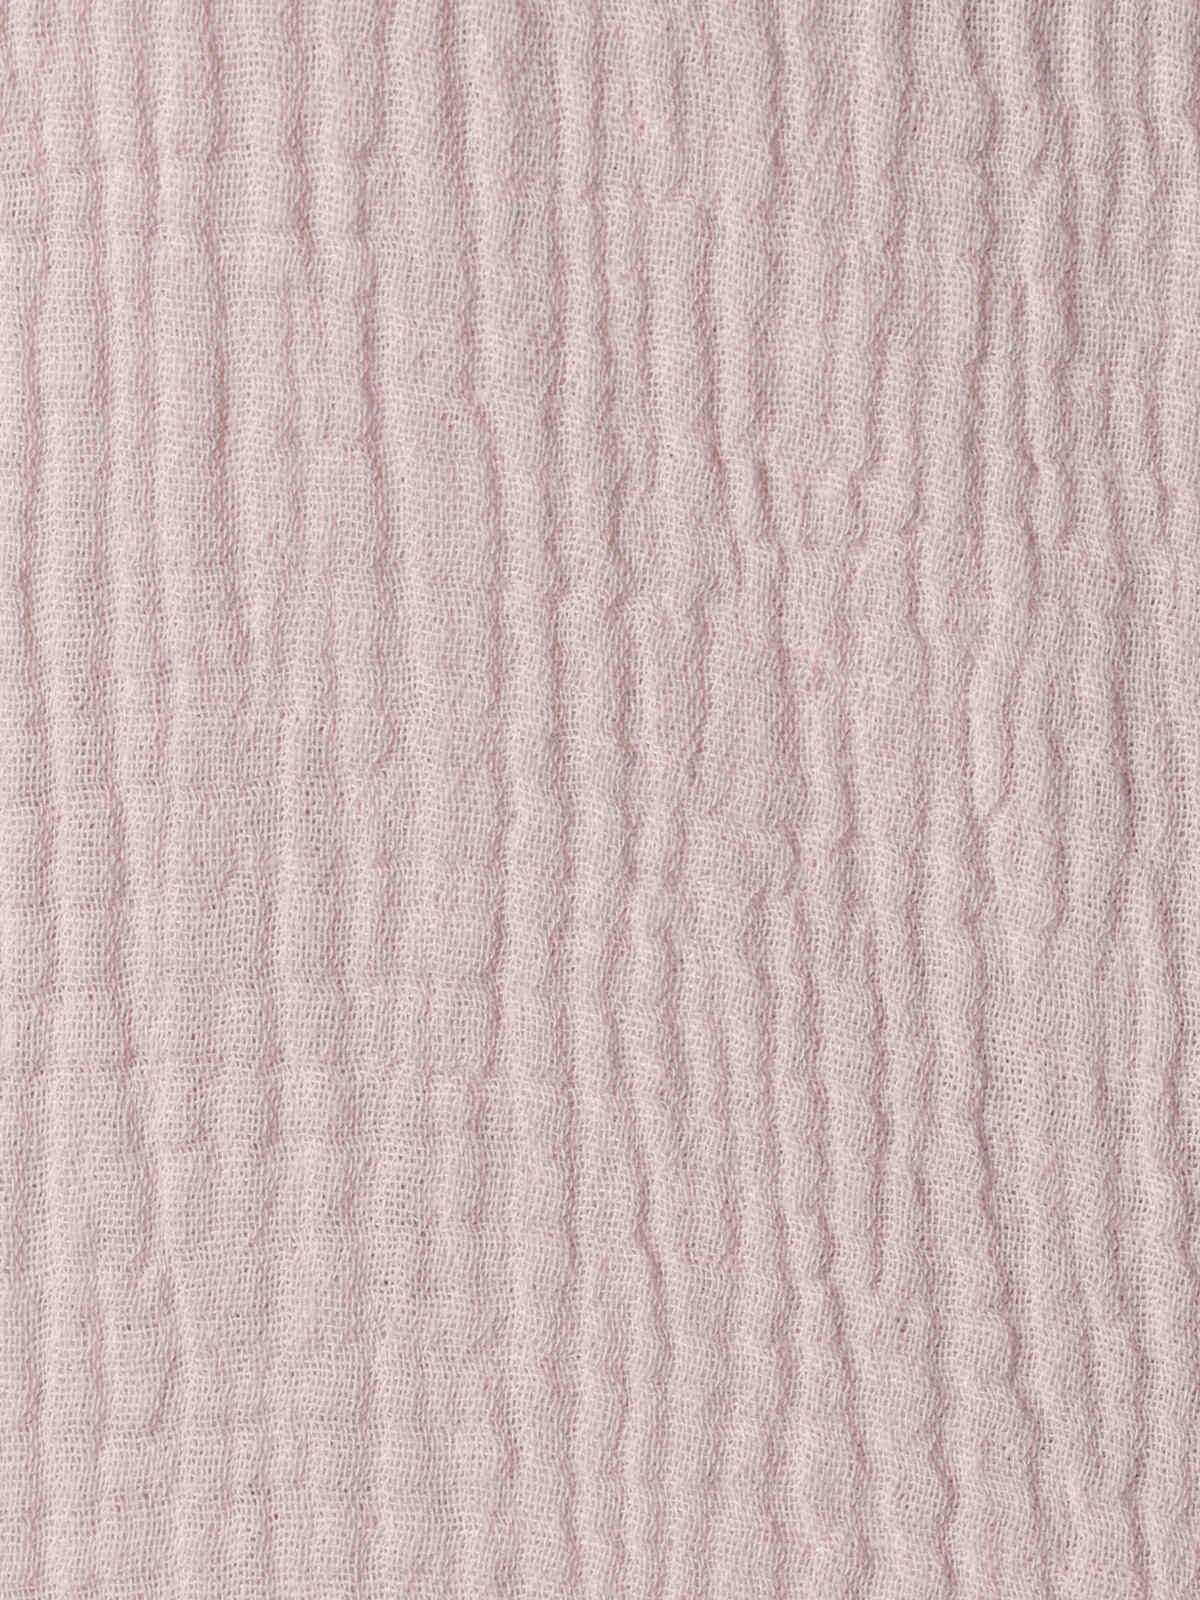 Top de algodón arrugado Rosa